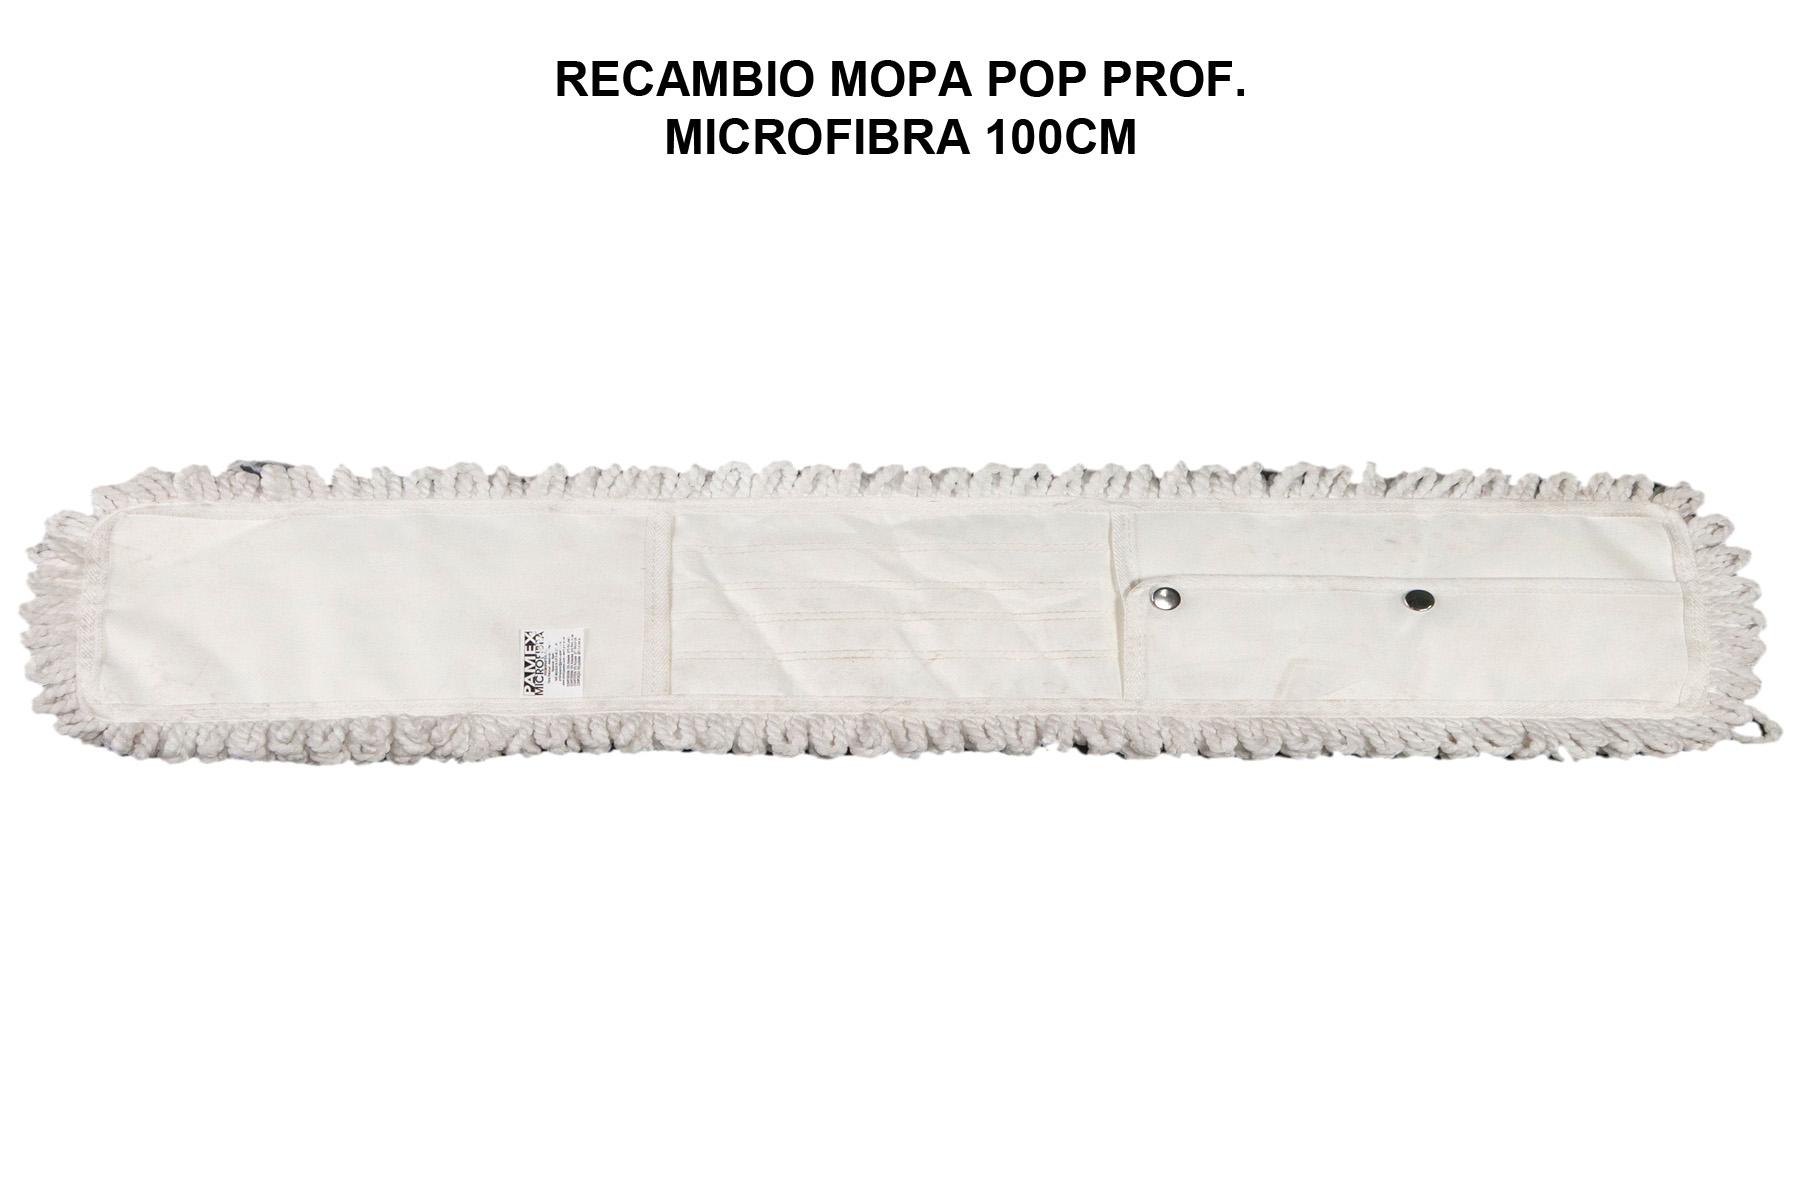 RECAMBIO MOPA POP PROF. MICROFIBRA 100CM